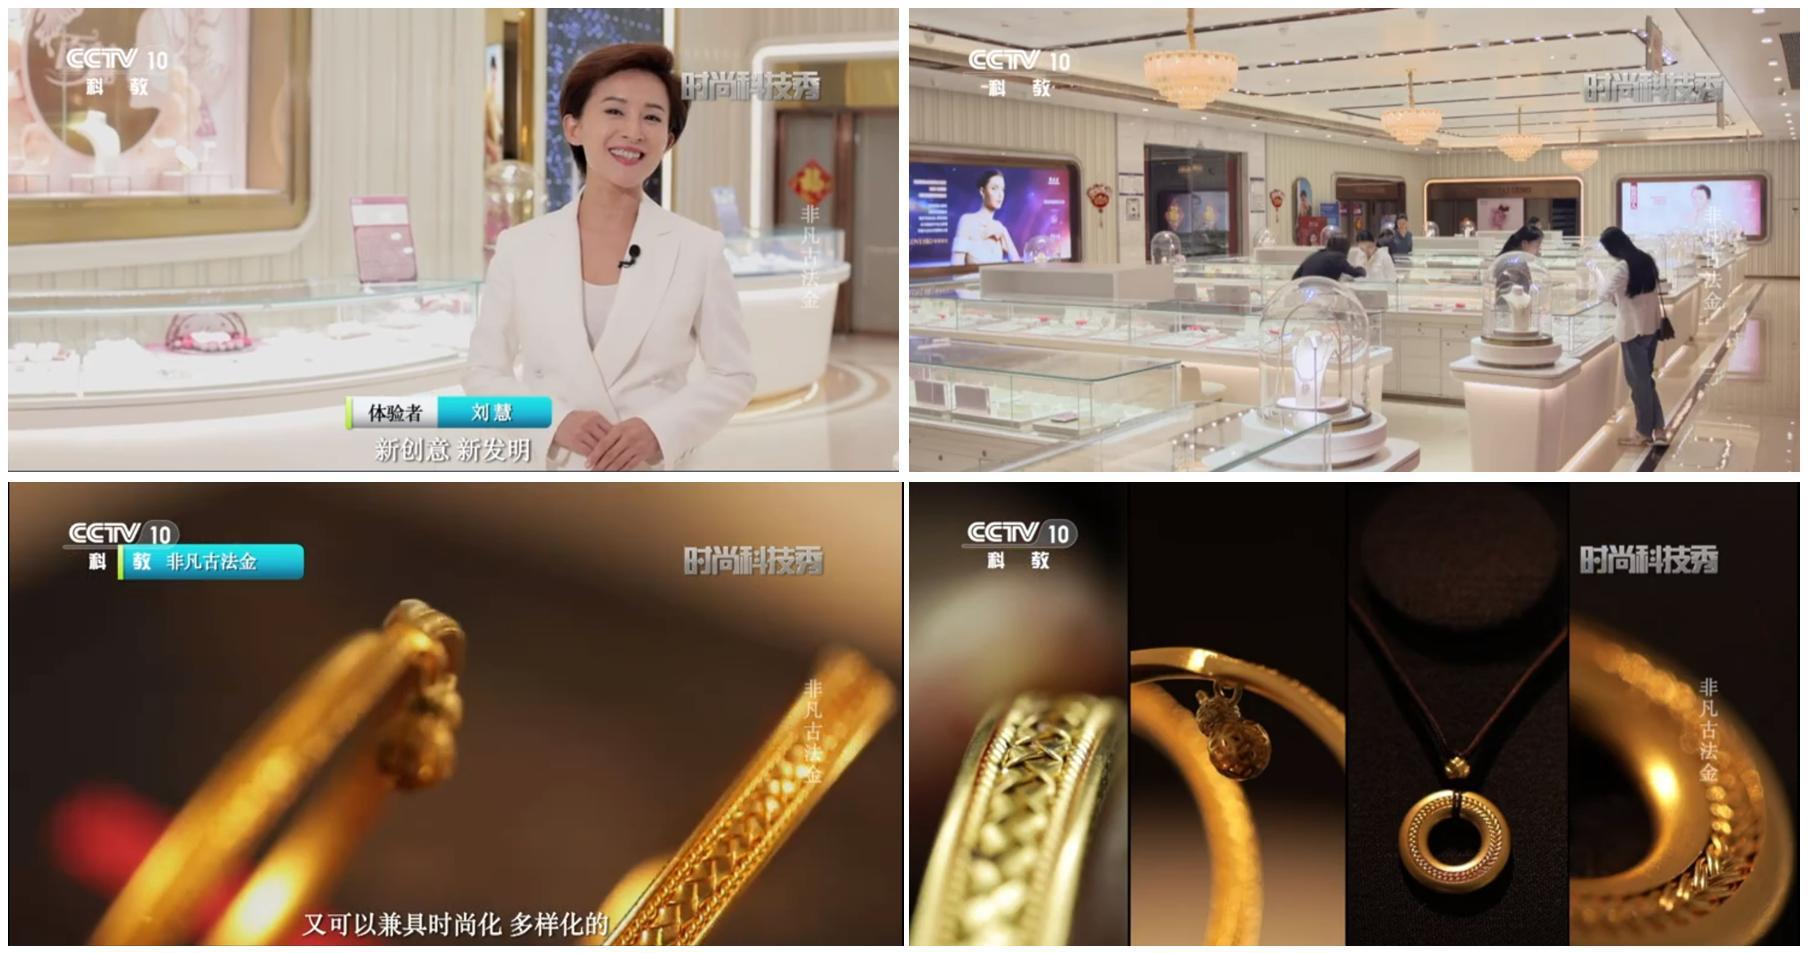 登上央视《时尚科技秀》,周大生非凡古法黄金彰显中国文化精神